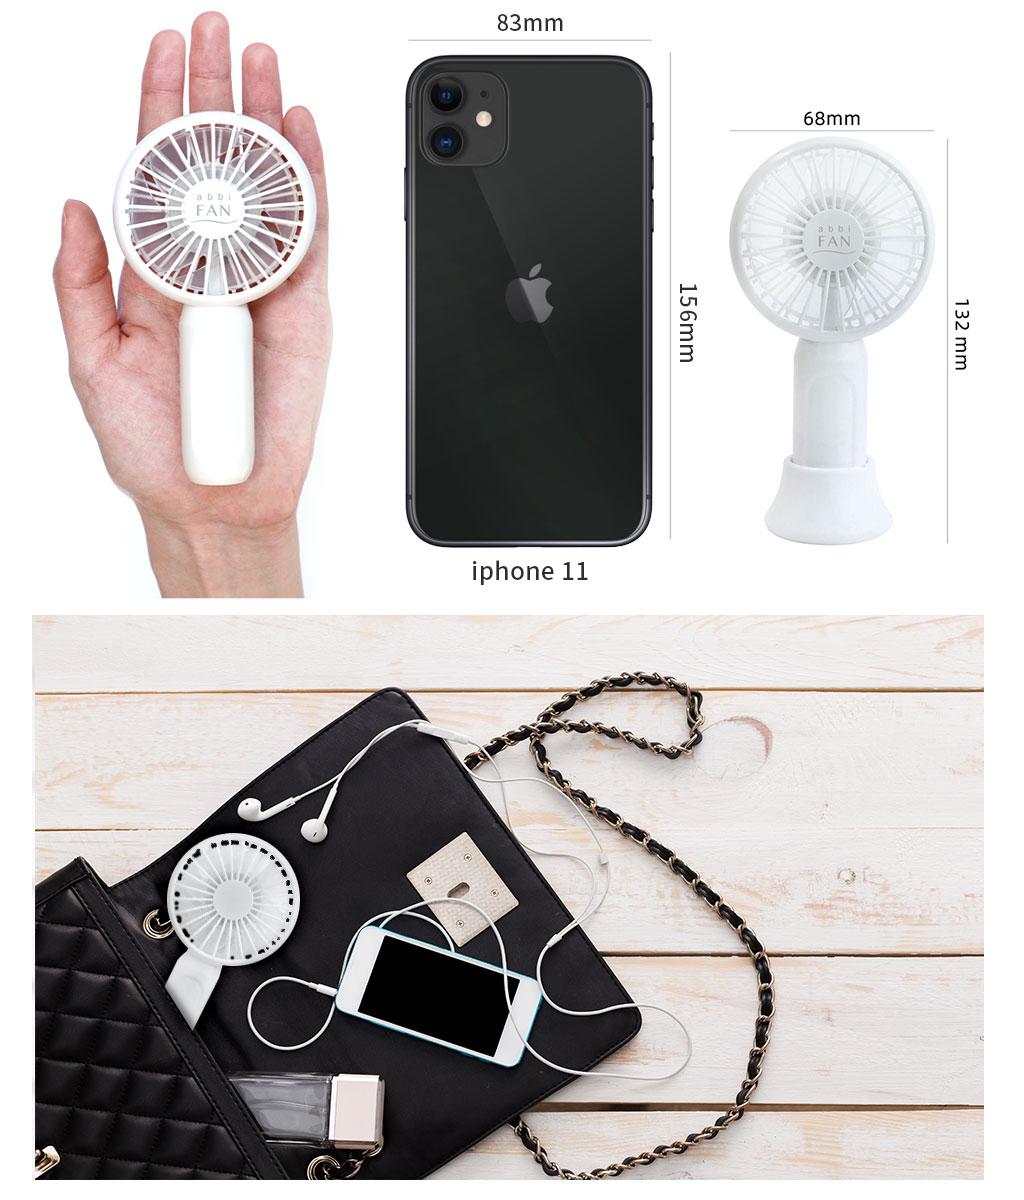 スマートフォンサイズのコンパクトなポータブル扇風機